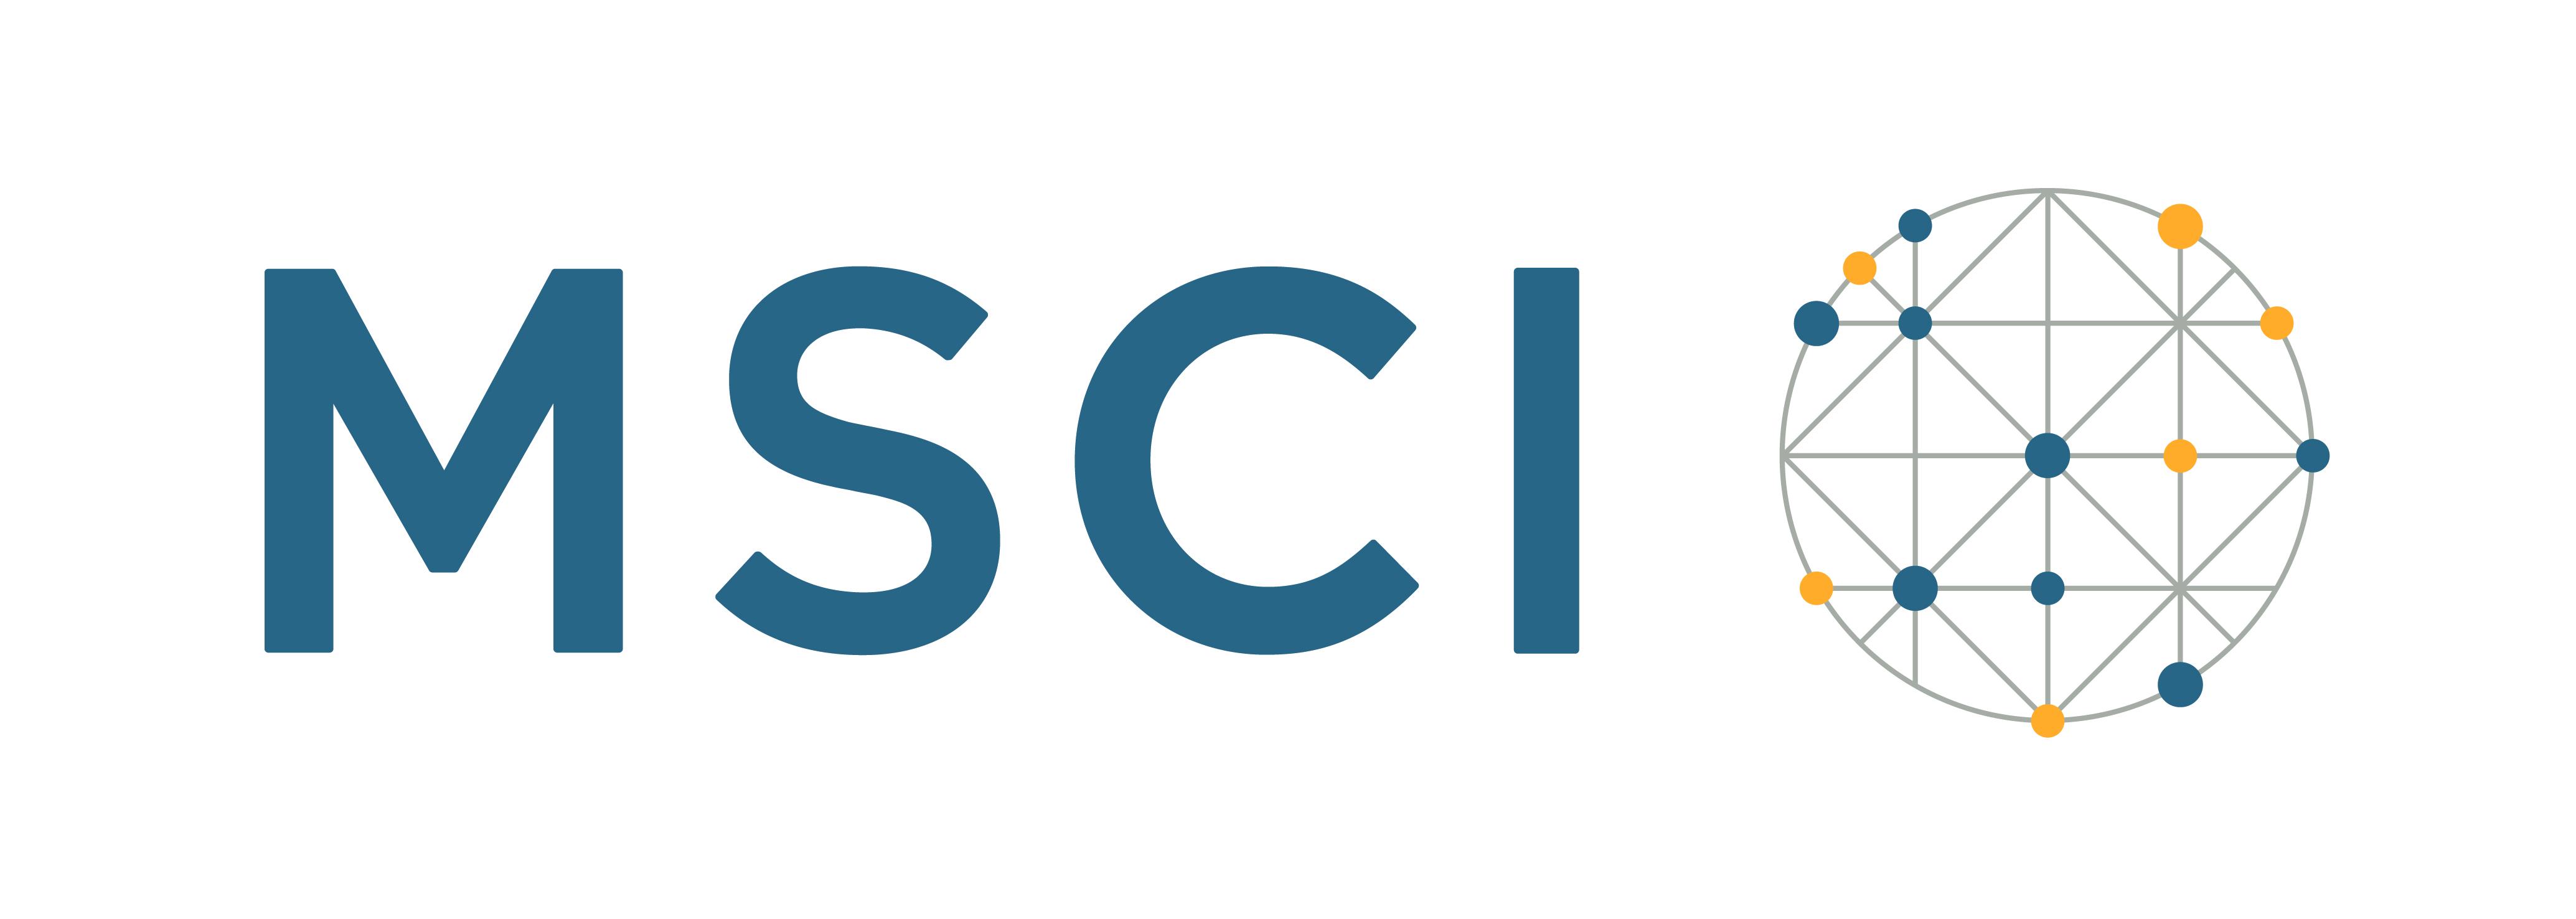 MSCI_Logo.jpg